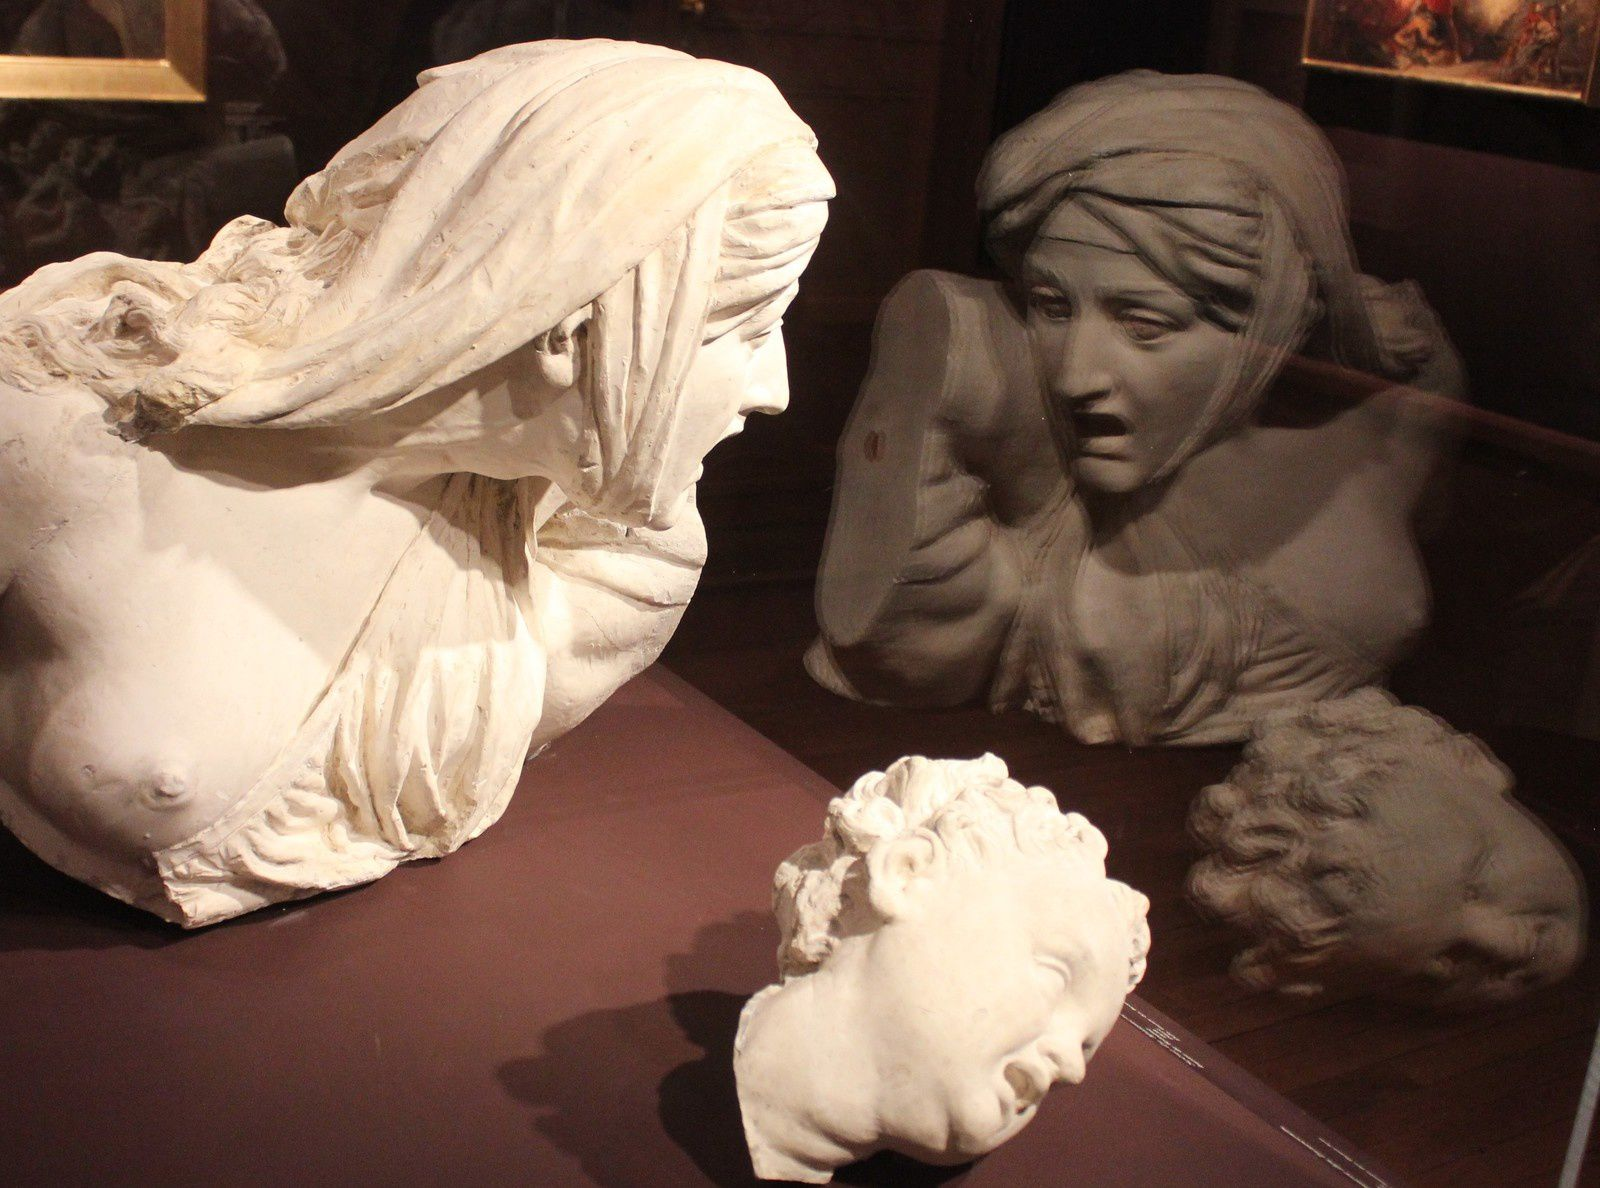 Jean Pierre Victor Huguenin. 1802-1860. Scène du massacre des innocents. Plâtre.